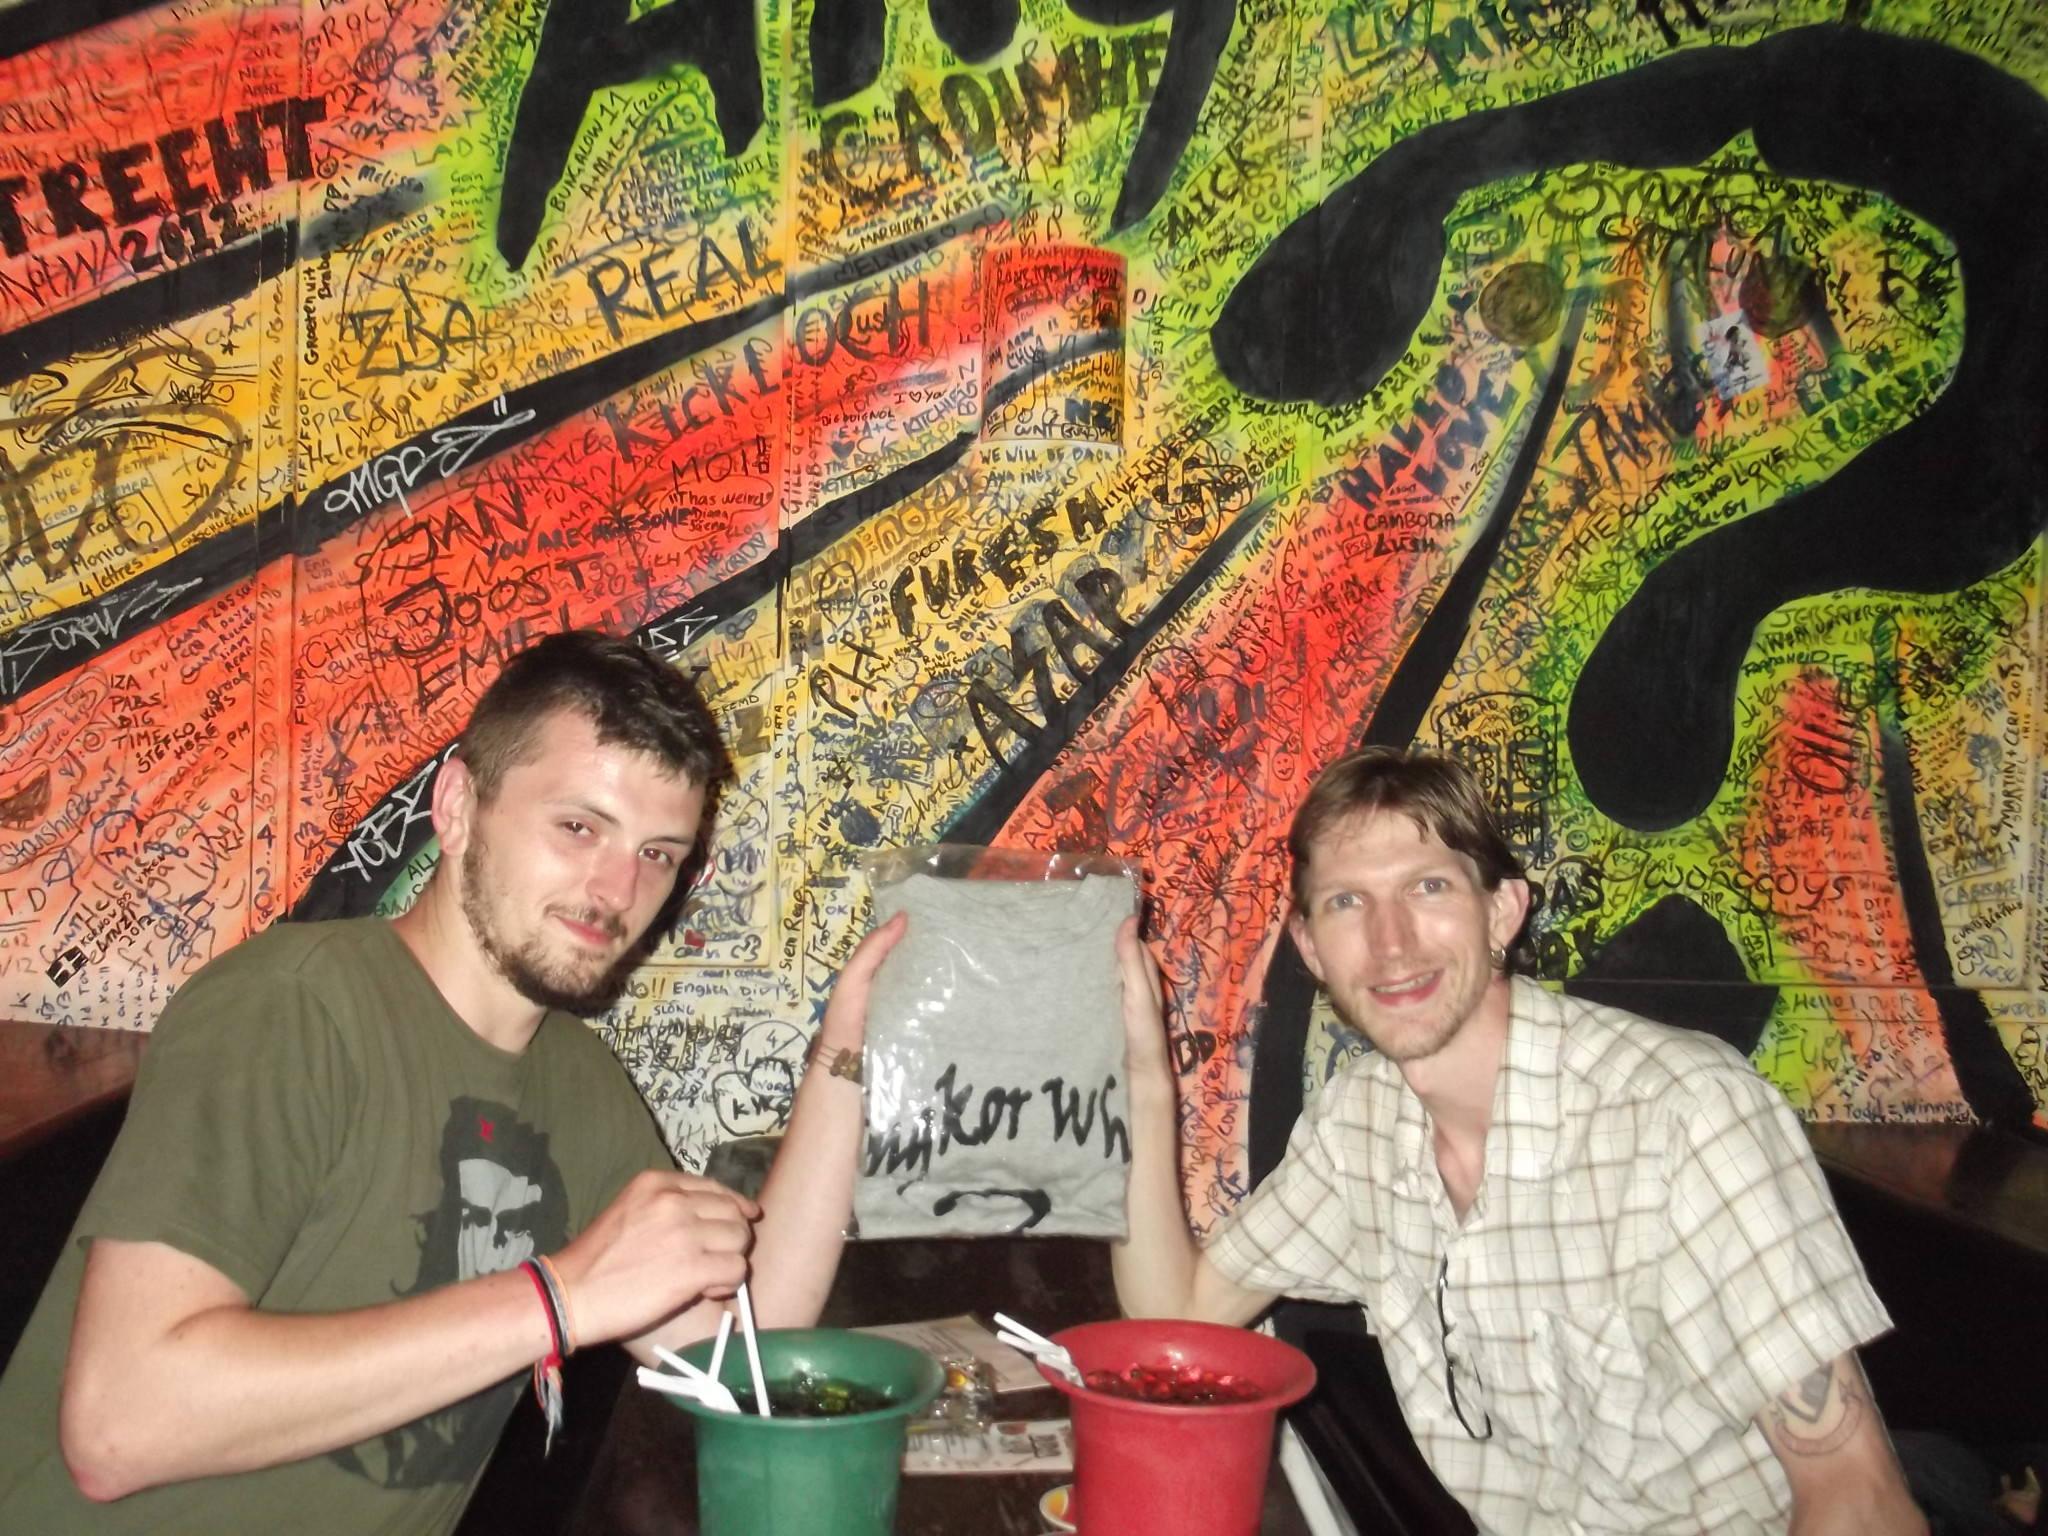 t shirt whiskey buckets angkor what? bar cambodia